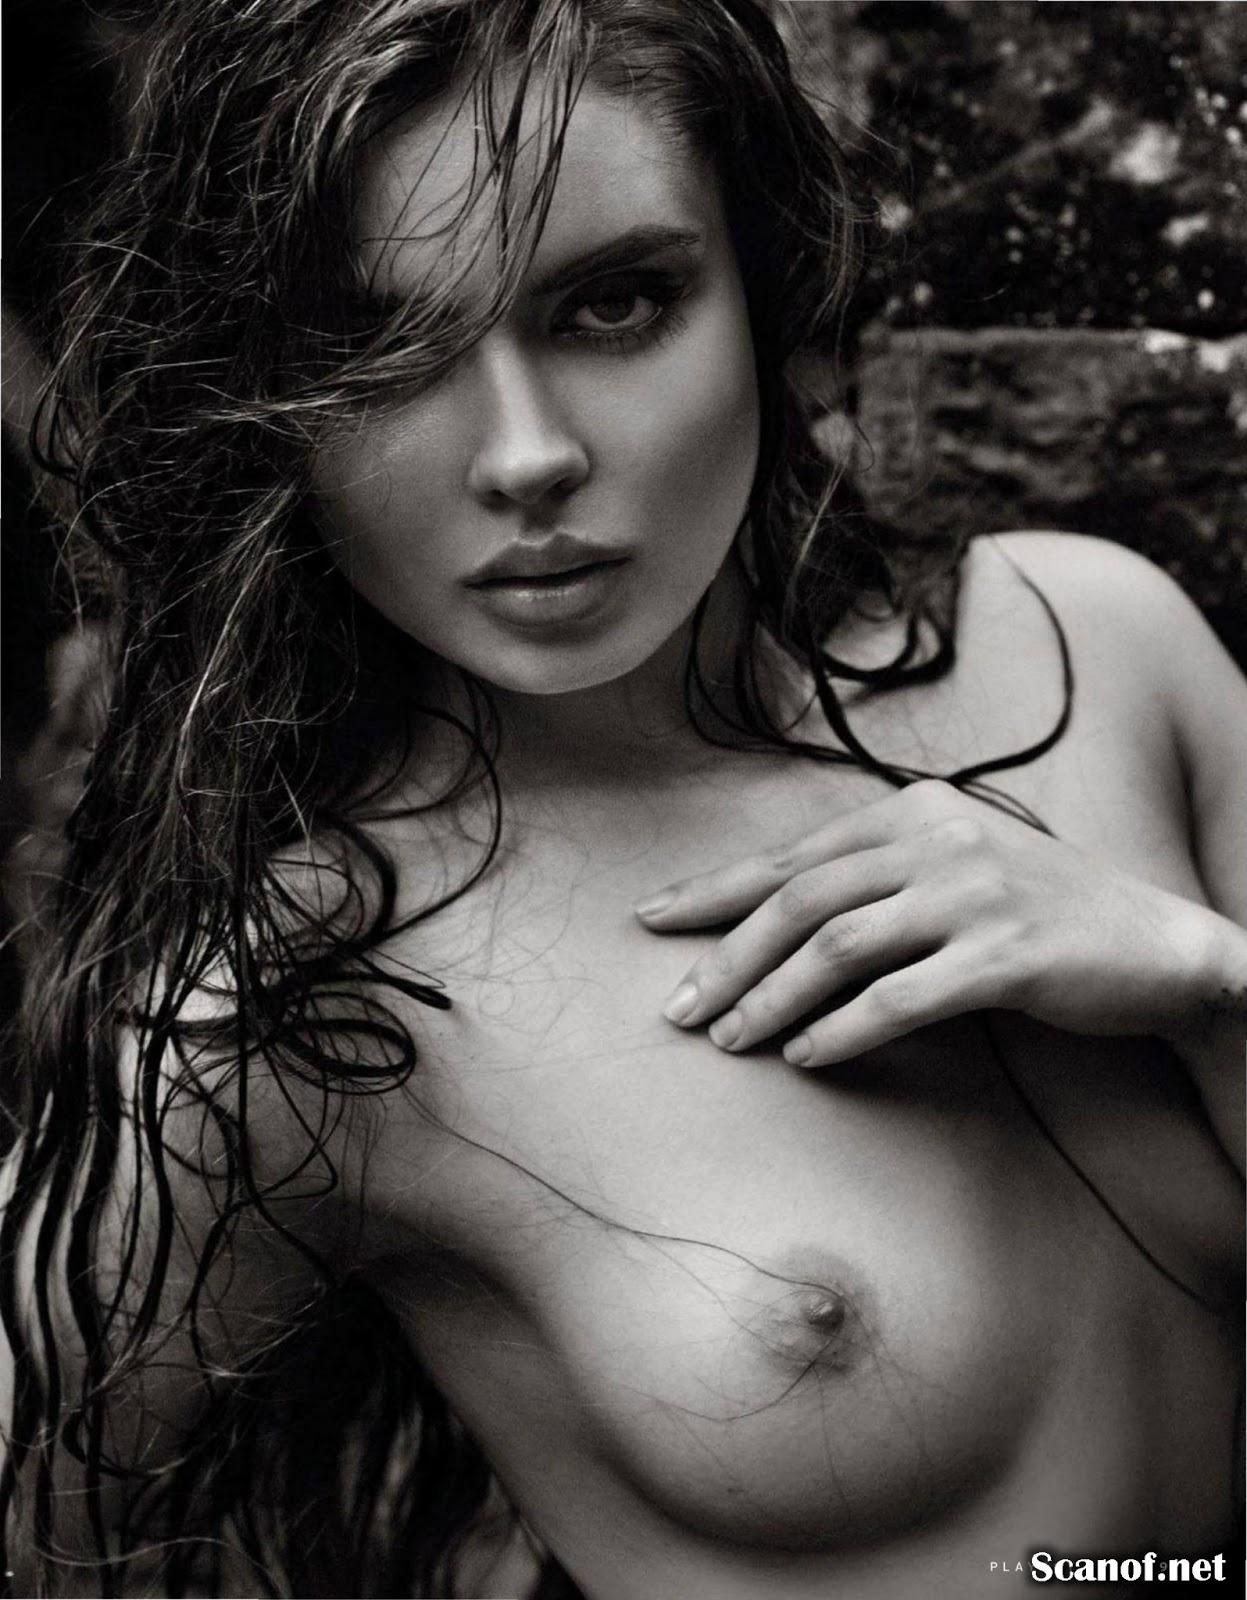 Эротика фото надя вечер, женщина с волосатой пиздой порно фото